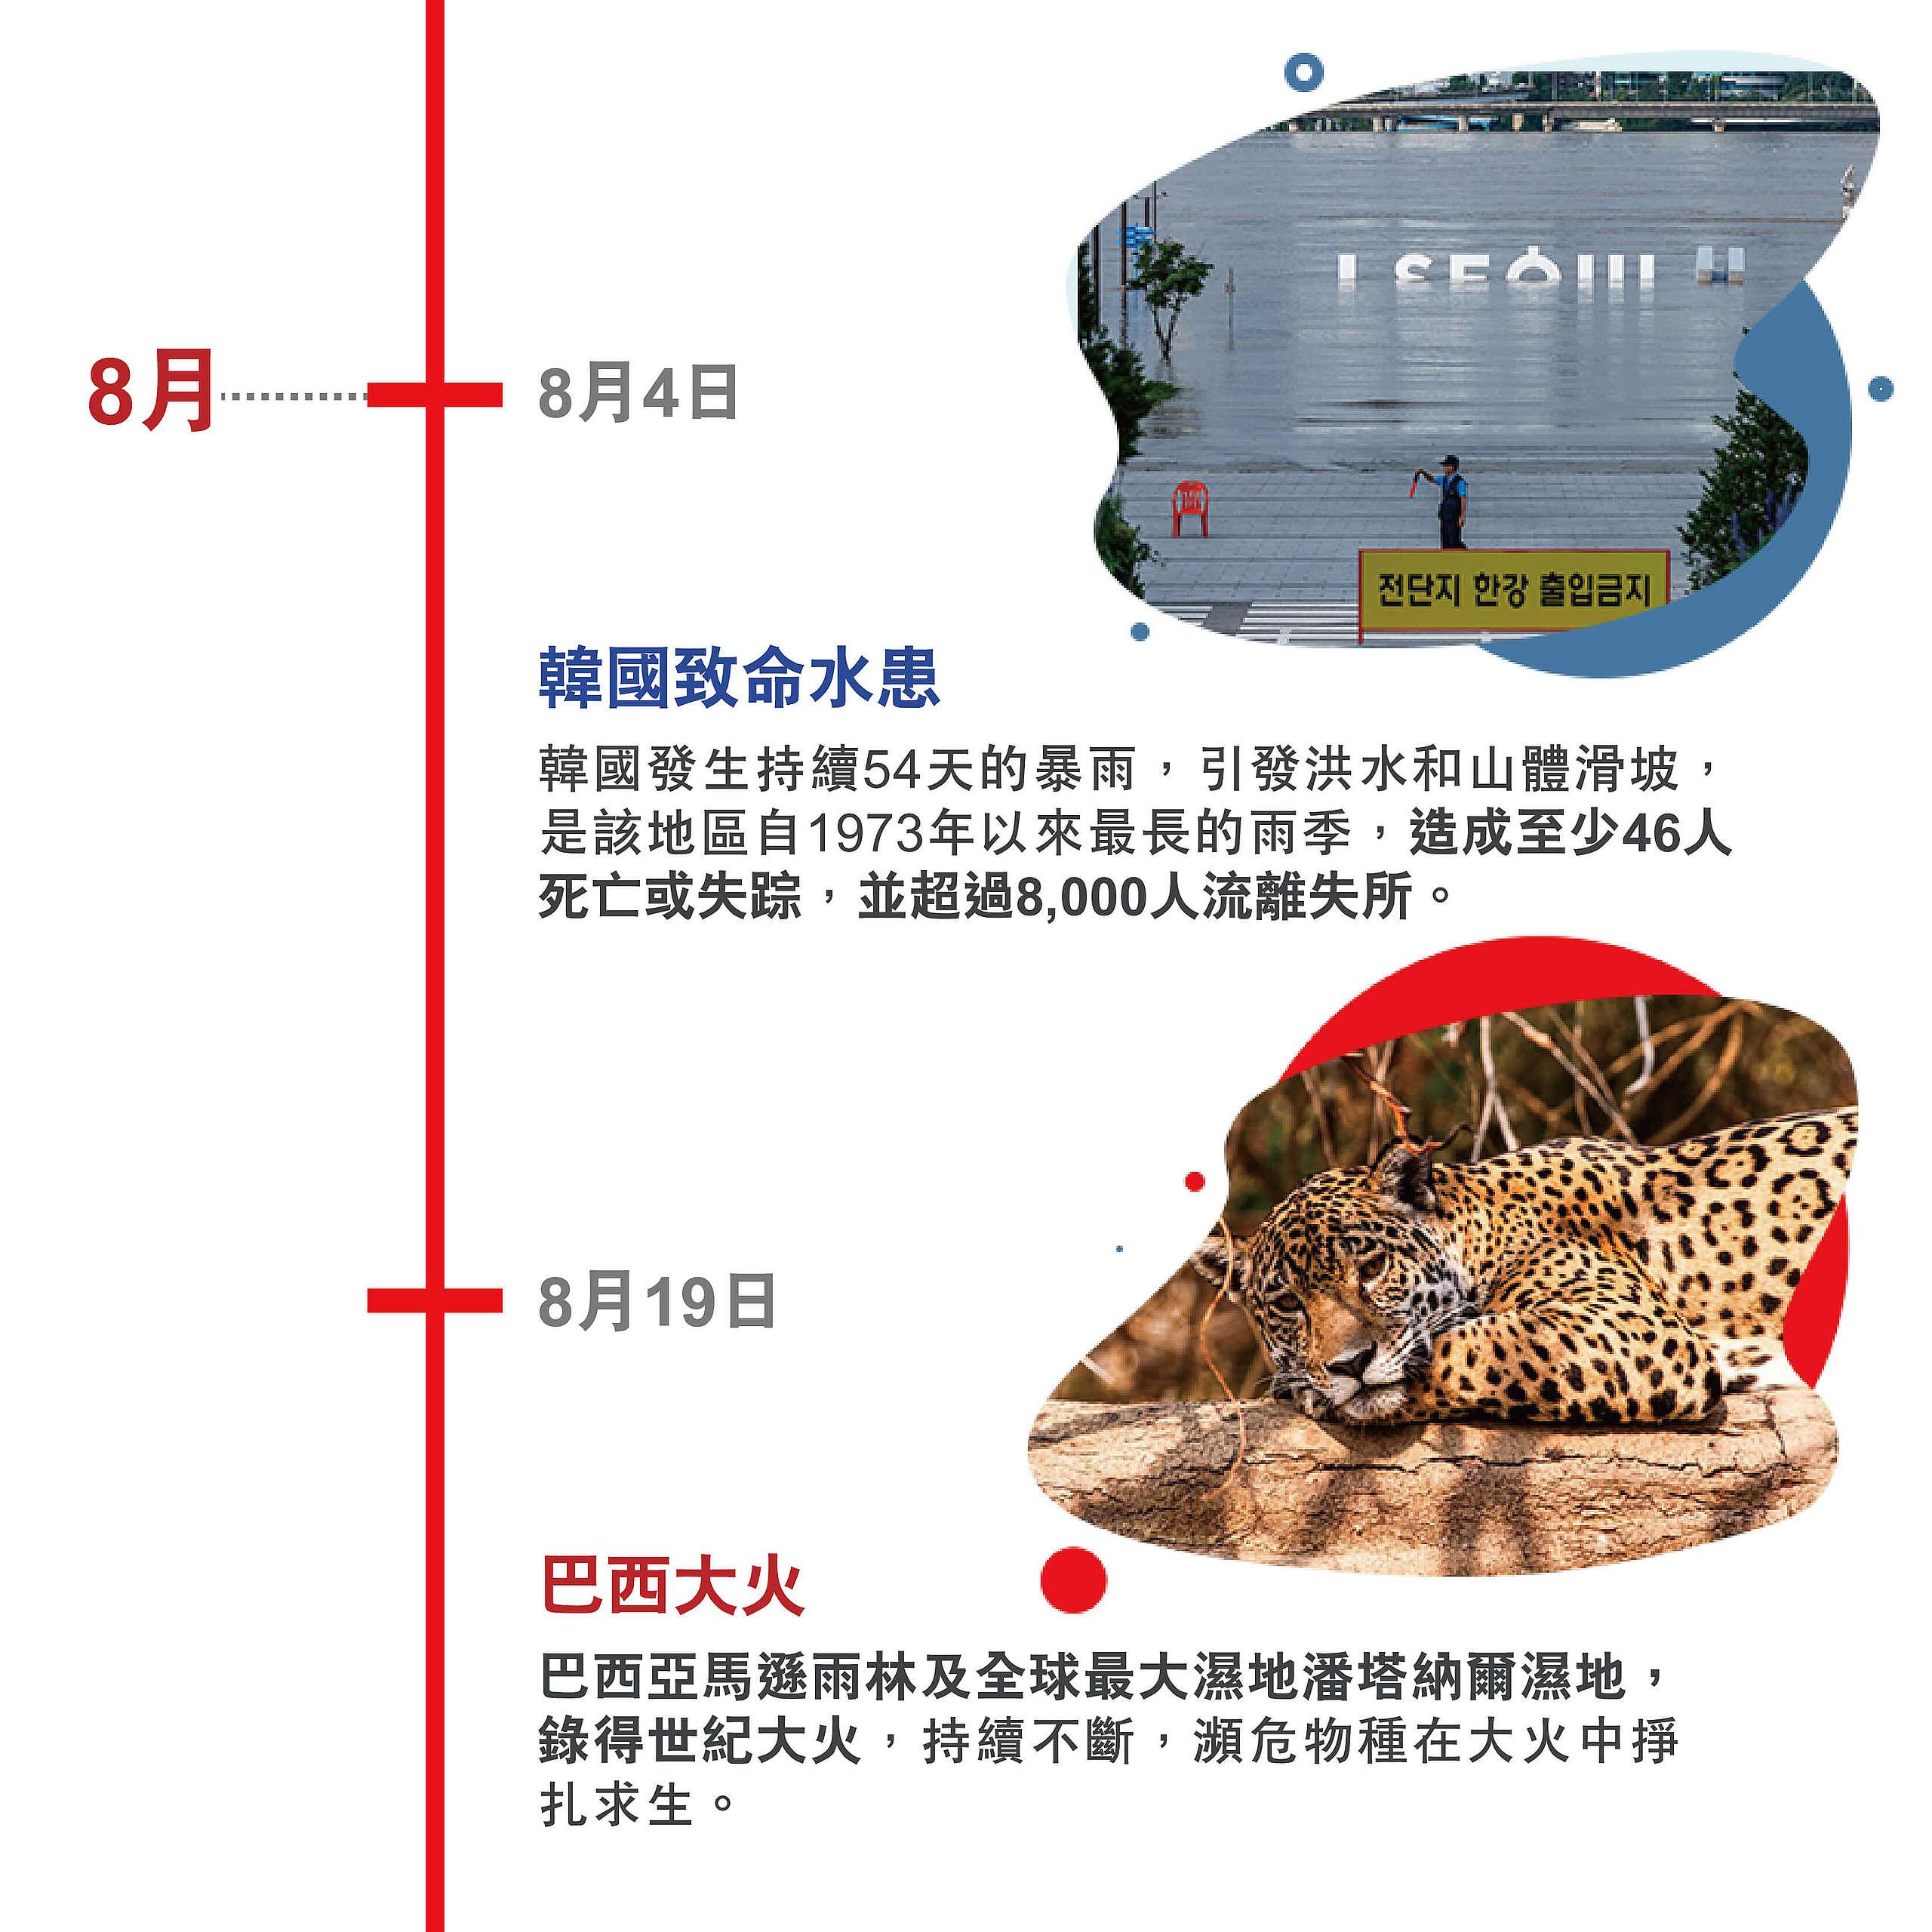 韓國致命水患 韓國發生持續54天的暴雨,引發洪水和山體滑坡,是該地區自1973年以來最長的雨季,造成至少46人死亡或失踪,並超過8,000人流離失所。 巴西大火 巴西亞馬遜雨林及全球最大濕地潘塔納爾濕地,錄得世紀大火,持續不斷,瀕危物種在大火中掙扎求生。